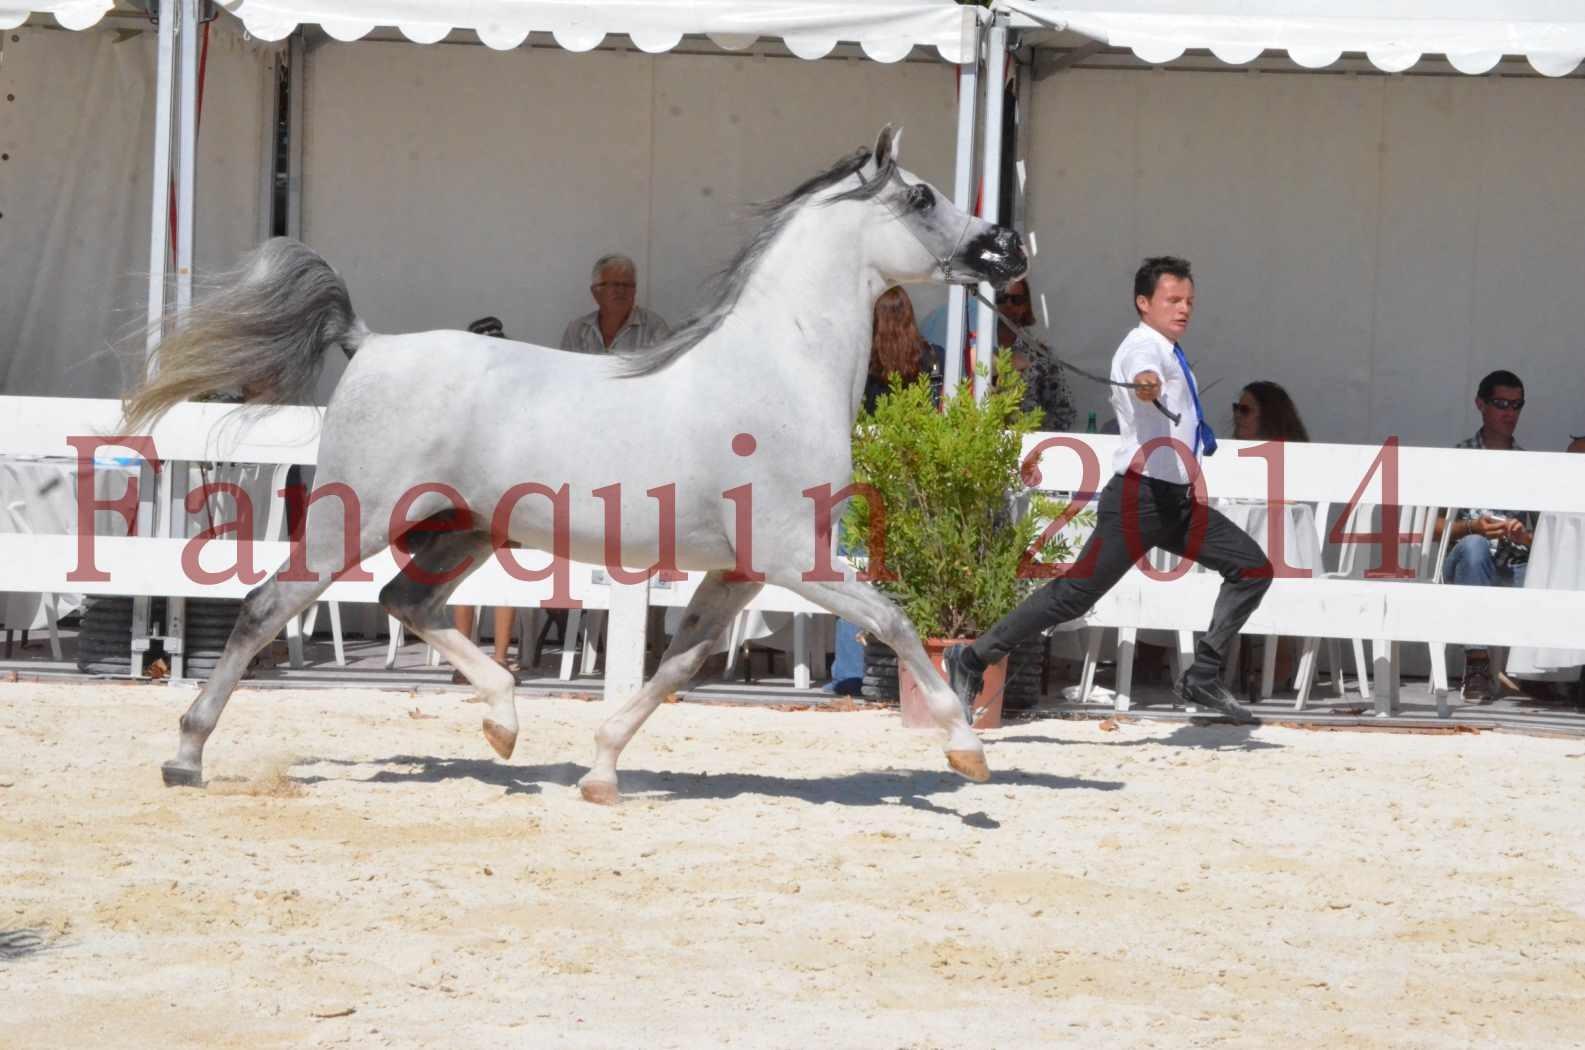 Concours National de Nîmes de chevaux ARABES 2014 - Sélection - SHAOLIN DE NEDJAIA - 04